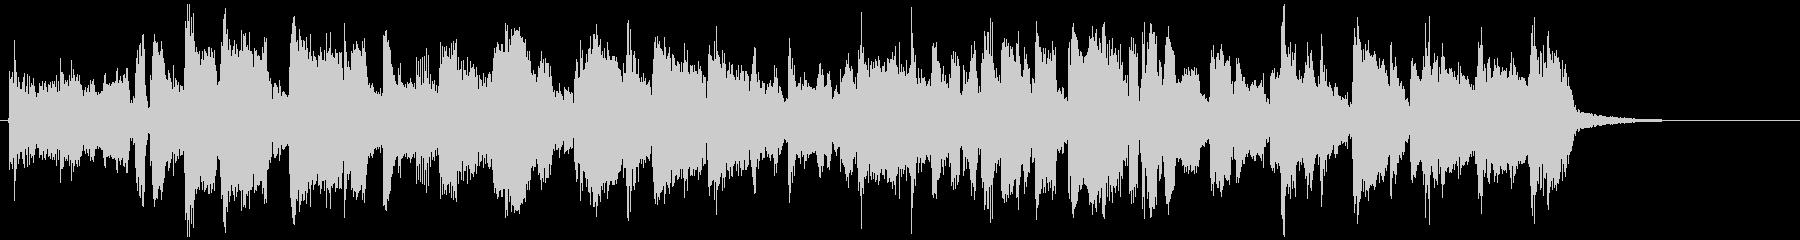 フュージョン系ファンクの15秒ジングルの未再生の波形